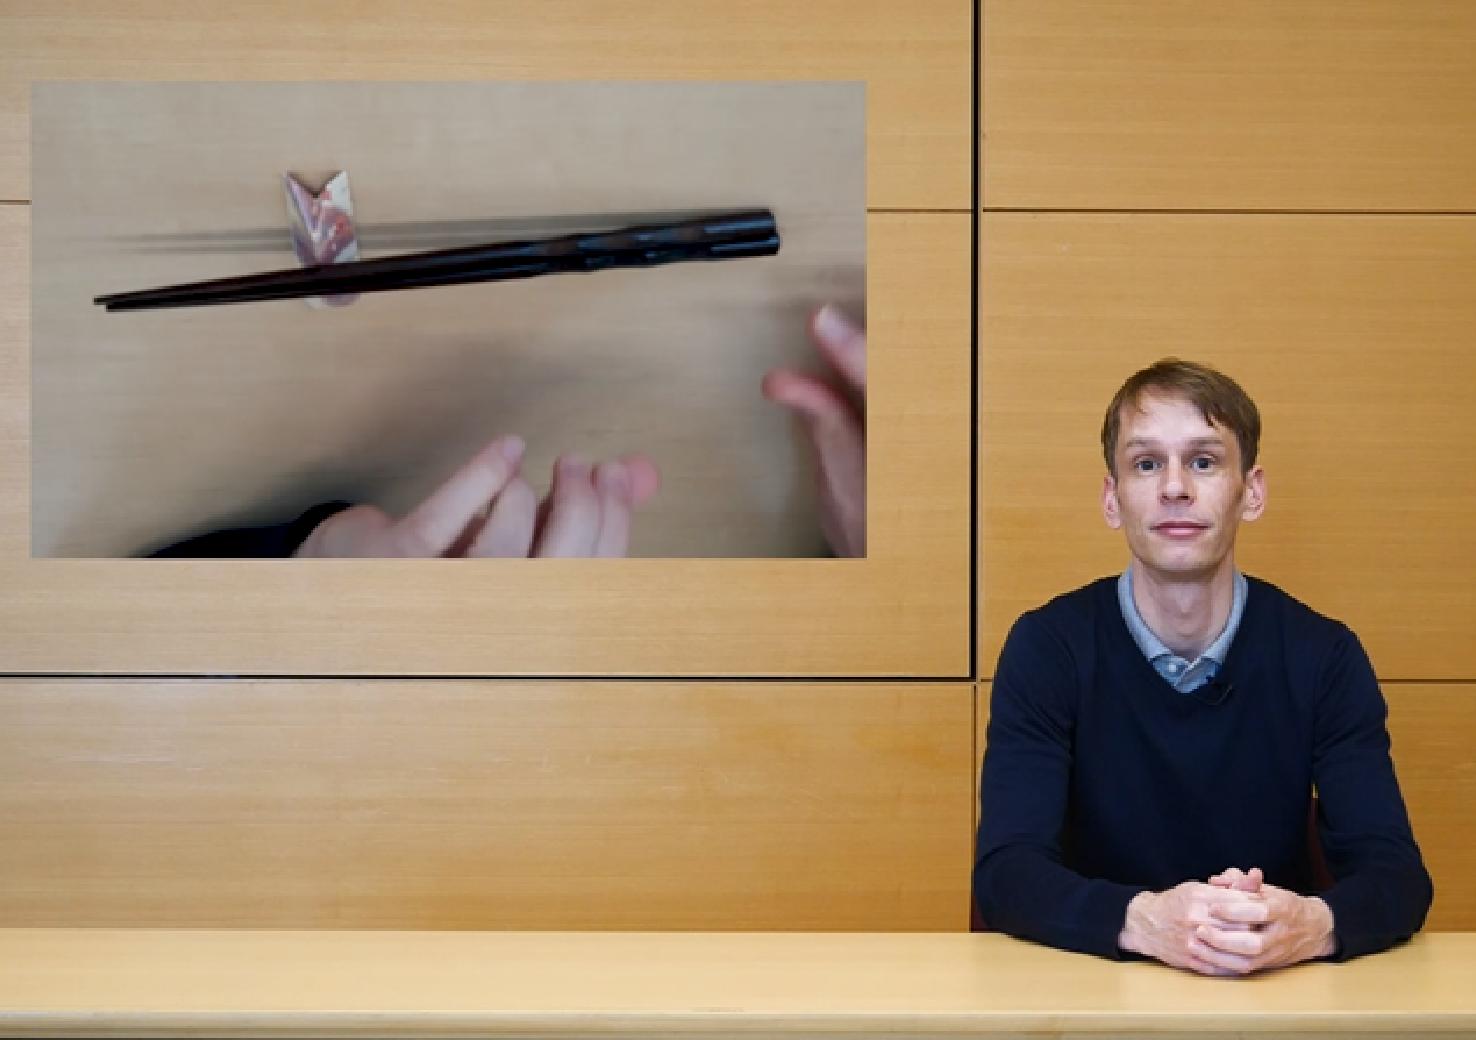 Handling chopsticks